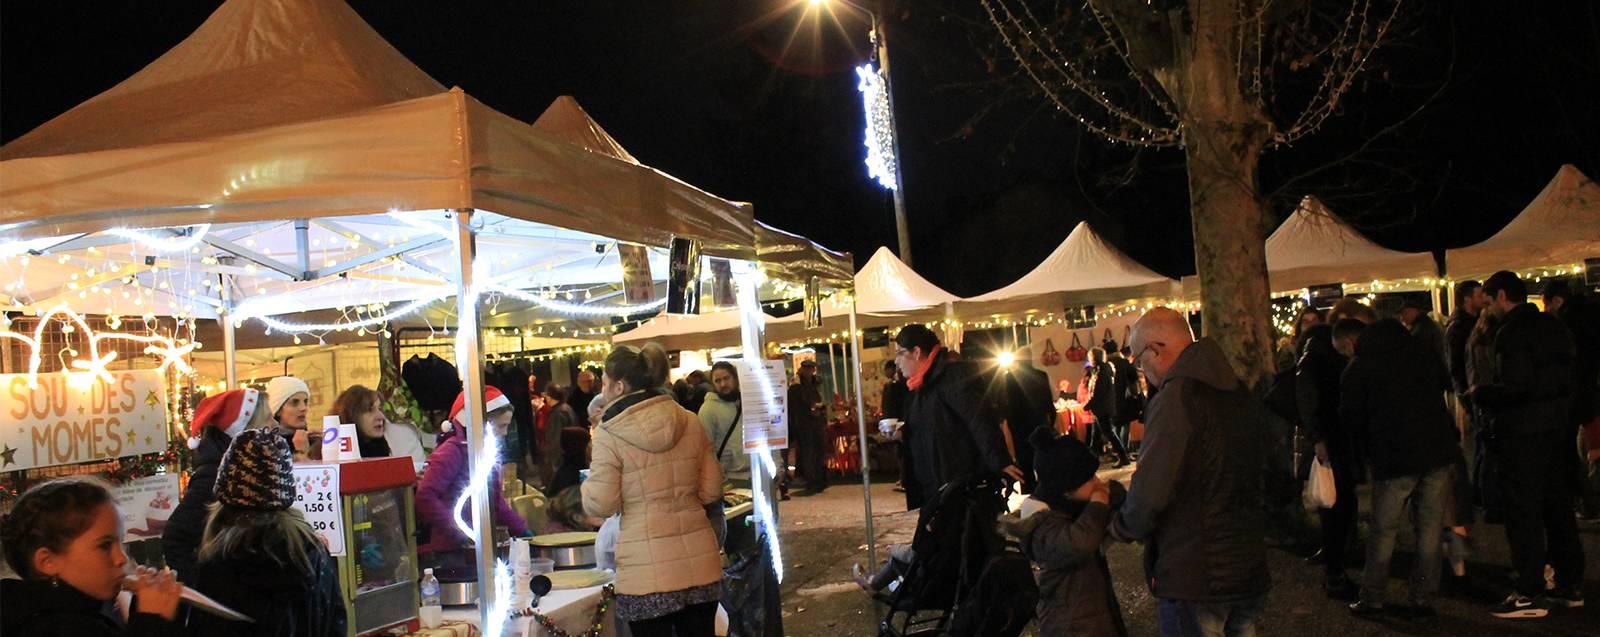 Marchés de Noël centre-ville